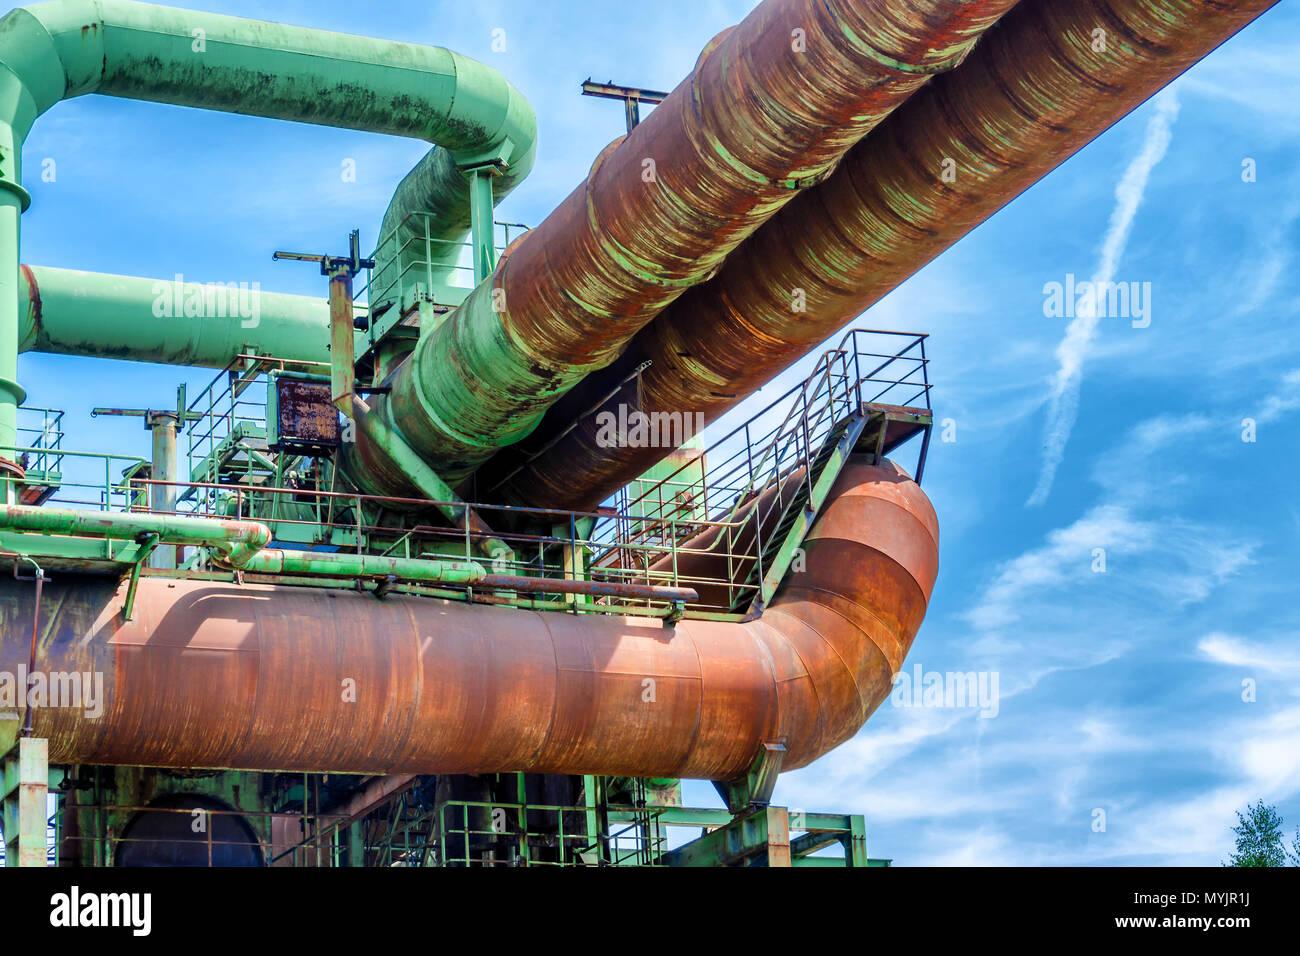 Gesamtansicht einer Industrieanlage Raffinerie, bestehend aus Rohrleitungen und Türme der Schwerindustrie. - Stock Image